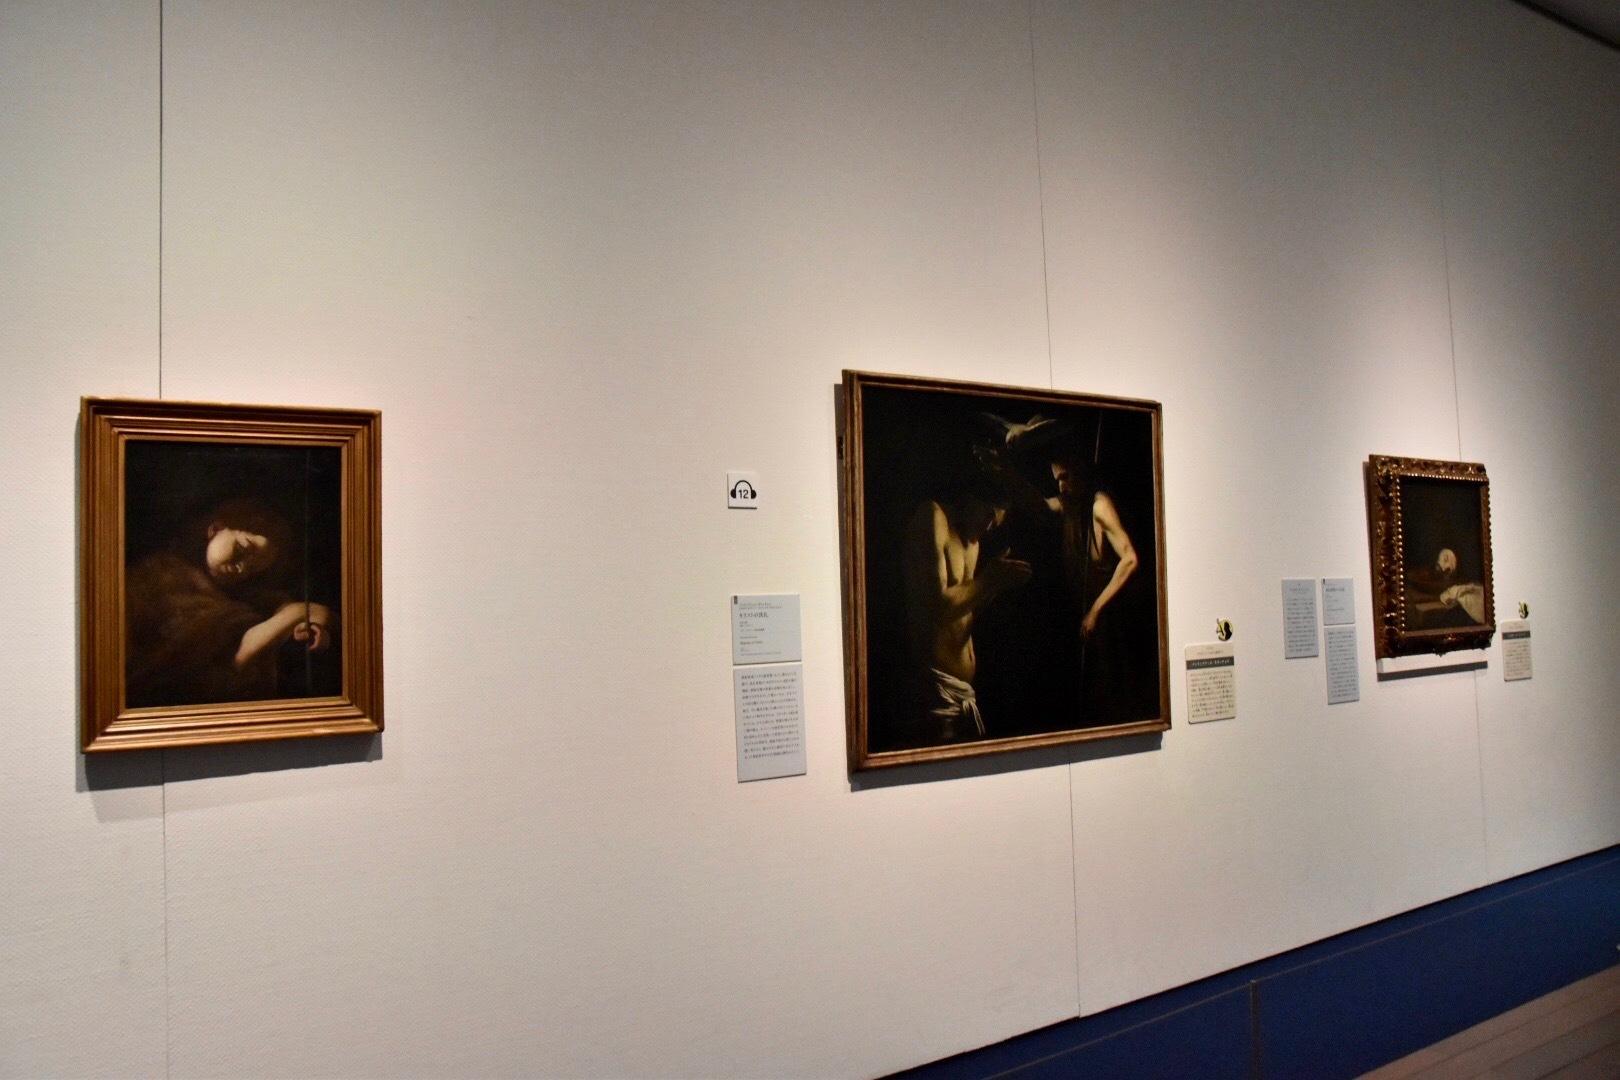 左:バッティステッロ・カラッチョロ(本名ジョヴァン・バッティスタ・カラッチョロ)《子どもの顔あるいは幼い洗礼者聖ヨハネ》1607-10年頃(市立フィランジェリ美術館蔵)、中央:同作者《キリストの洗礼》1610年頃(ジロラミーニ教会絵画館蔵) 右奥:ジュゼペ・デ・リベーラ《洗礼者聖ヨハネの首》1646年(市立フィランジェリ美術館蔵)